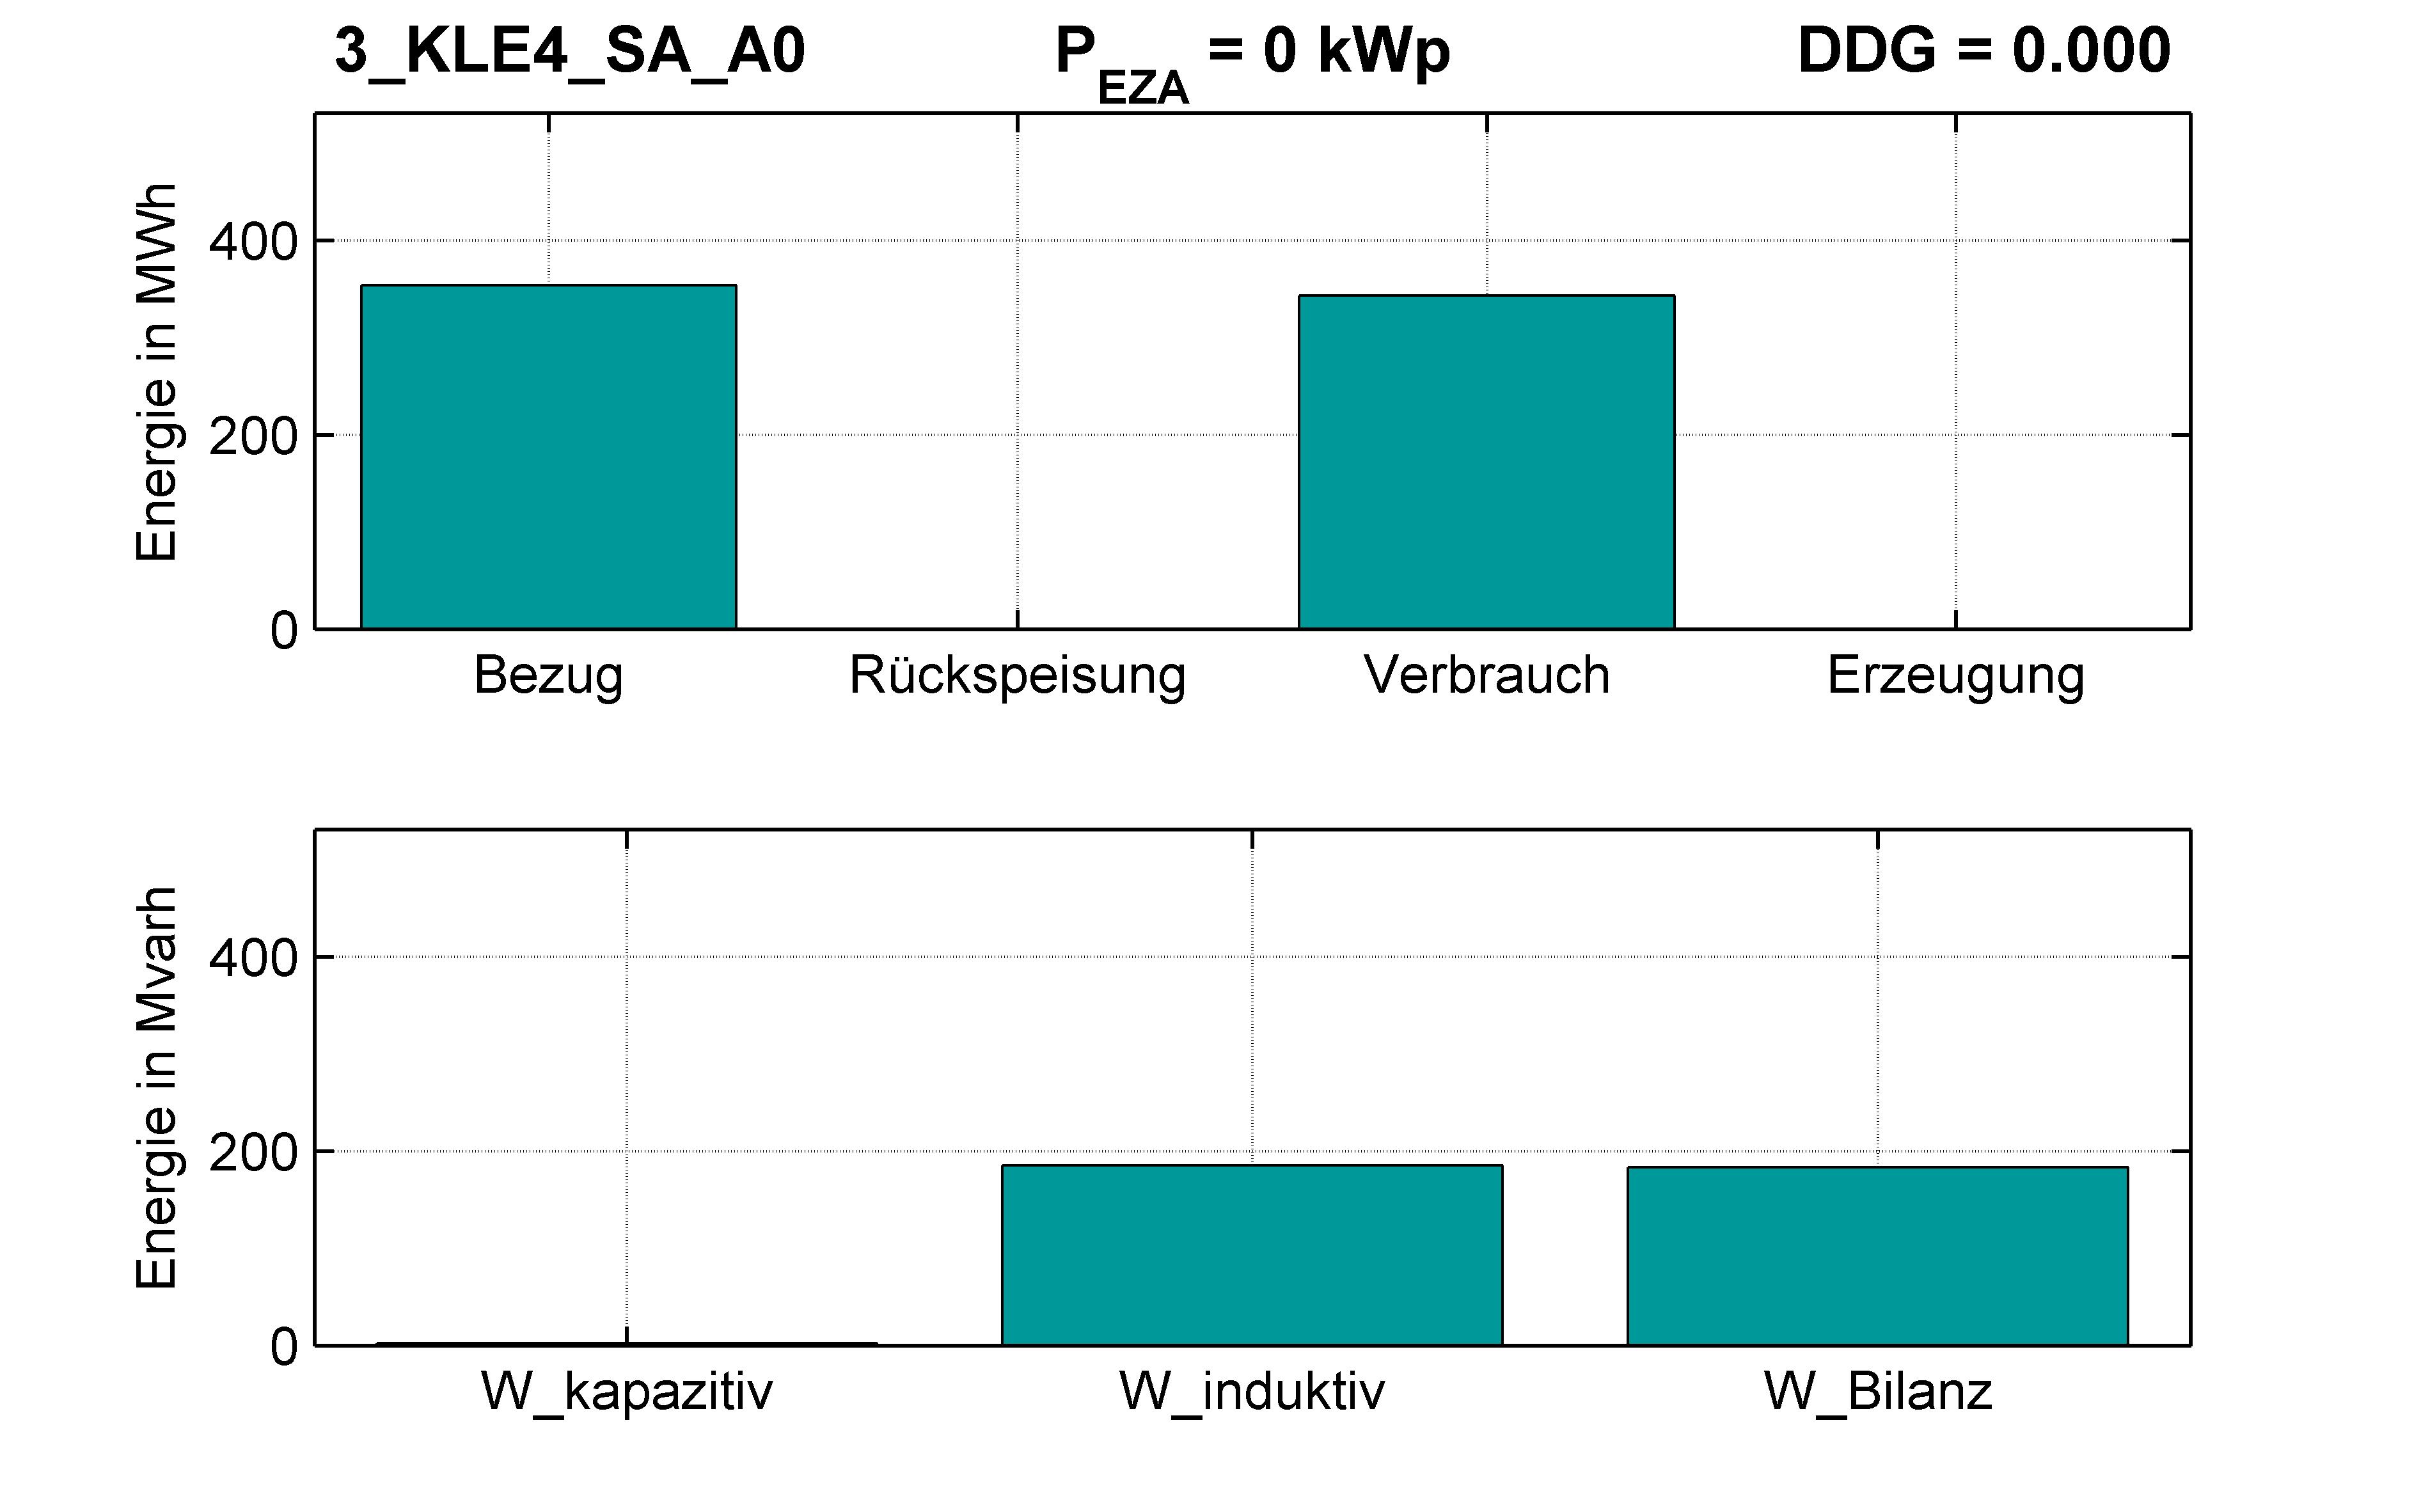 KLE4 | P-Kappung 70% (SA) A0 | PQ-Bilanz